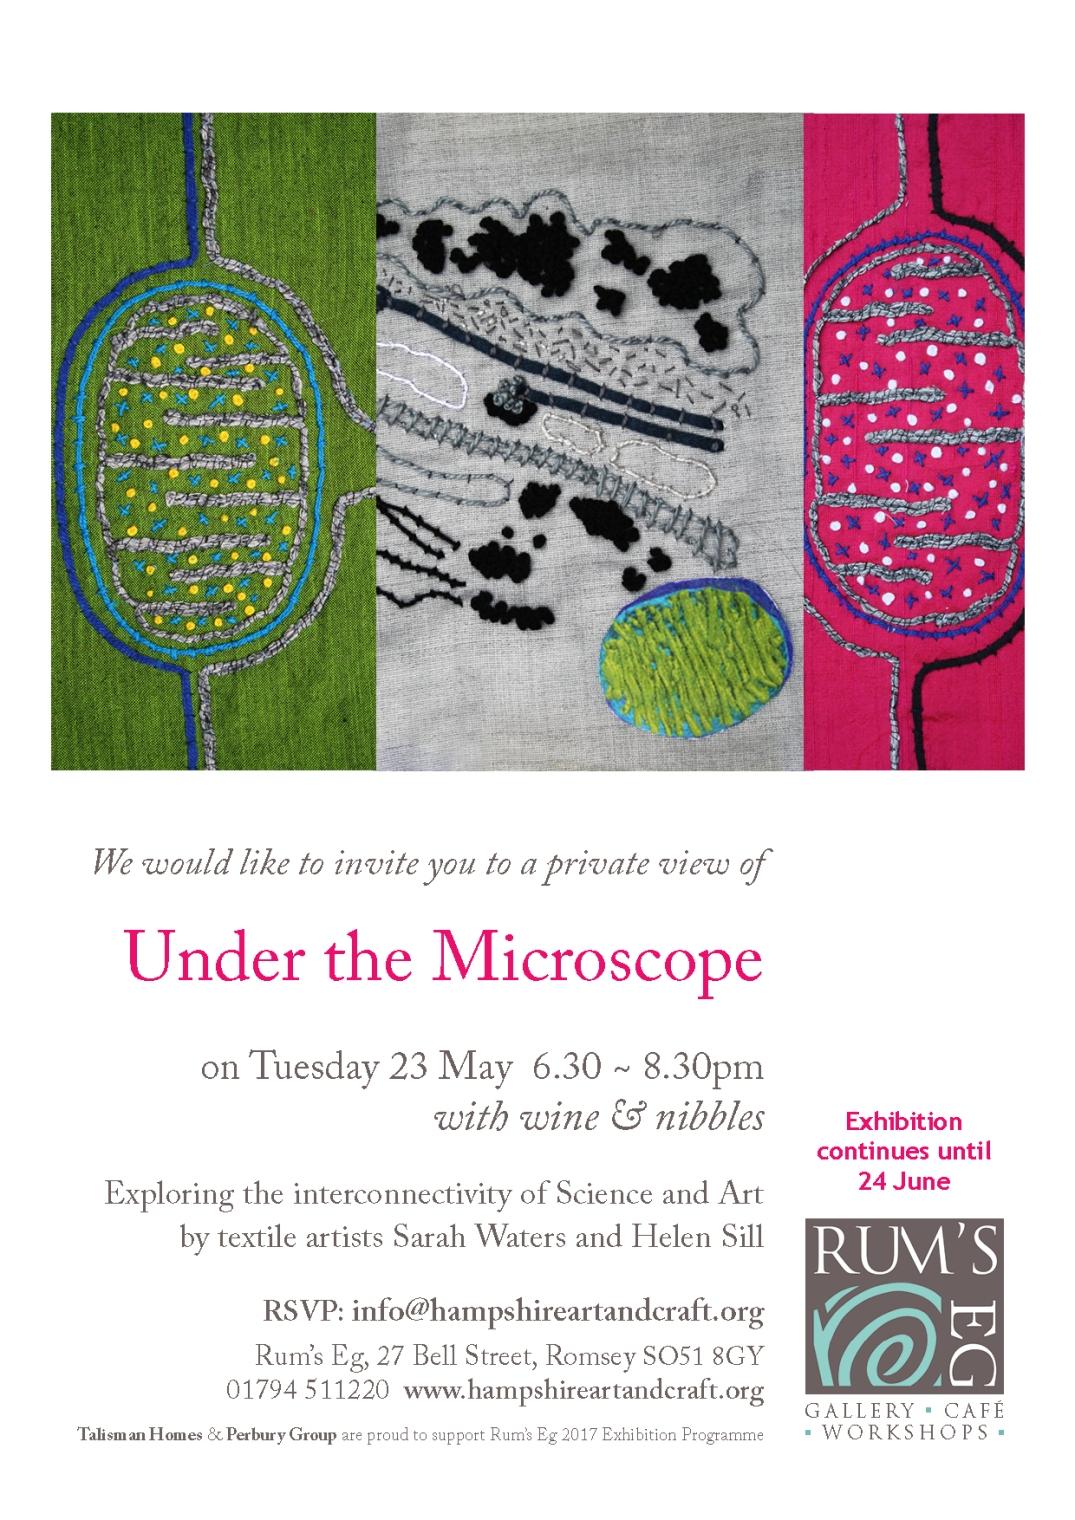 Under the Microscope PV invite